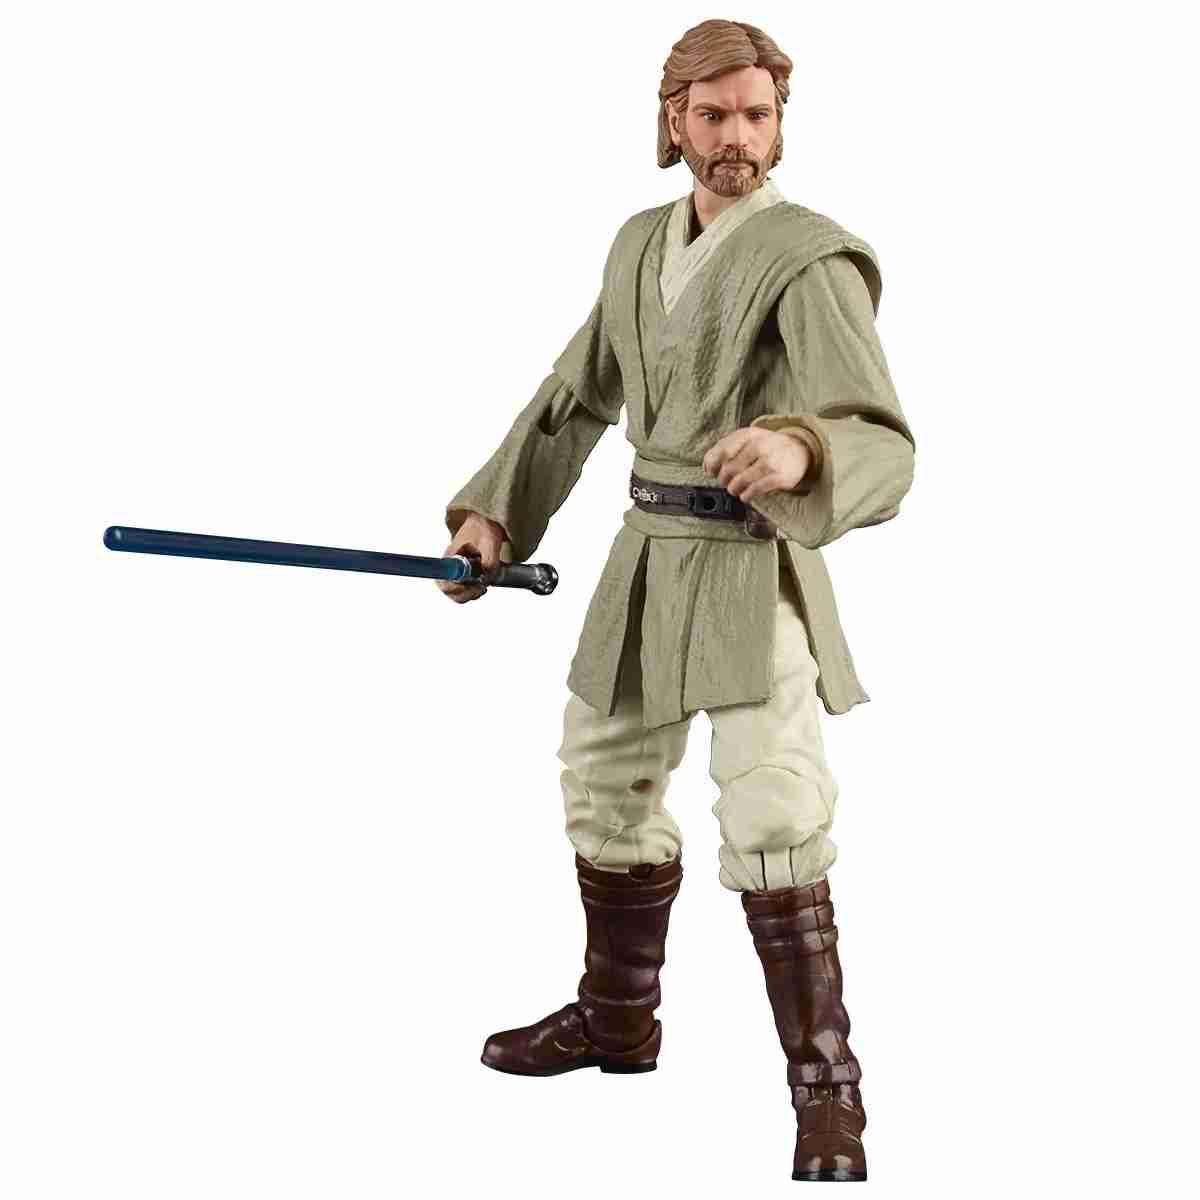 Obi-Wan Kenobi 3